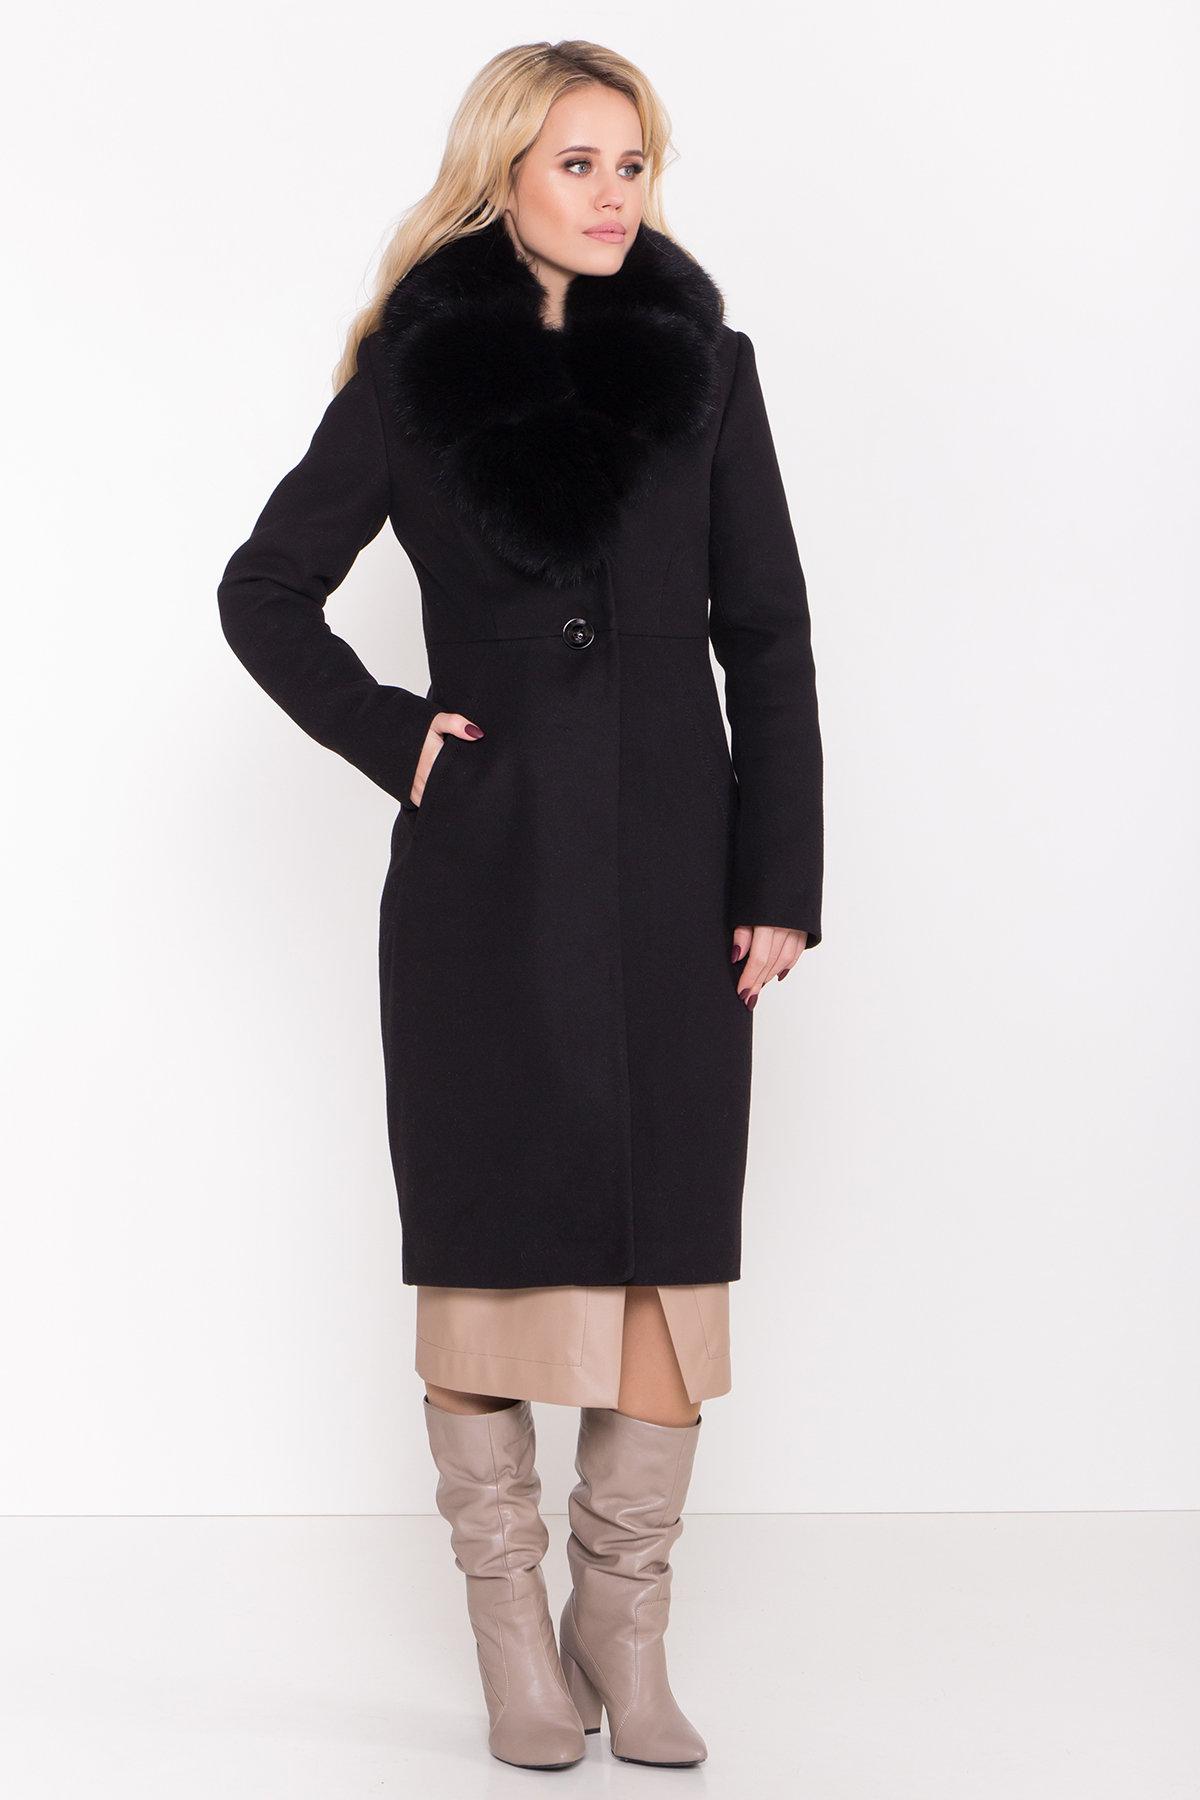 Пальто зима Камила классик 8486 АРТ. 44777 Цвет: Черный Н-1 - фото 3, интернет магазин tm-modus.ru